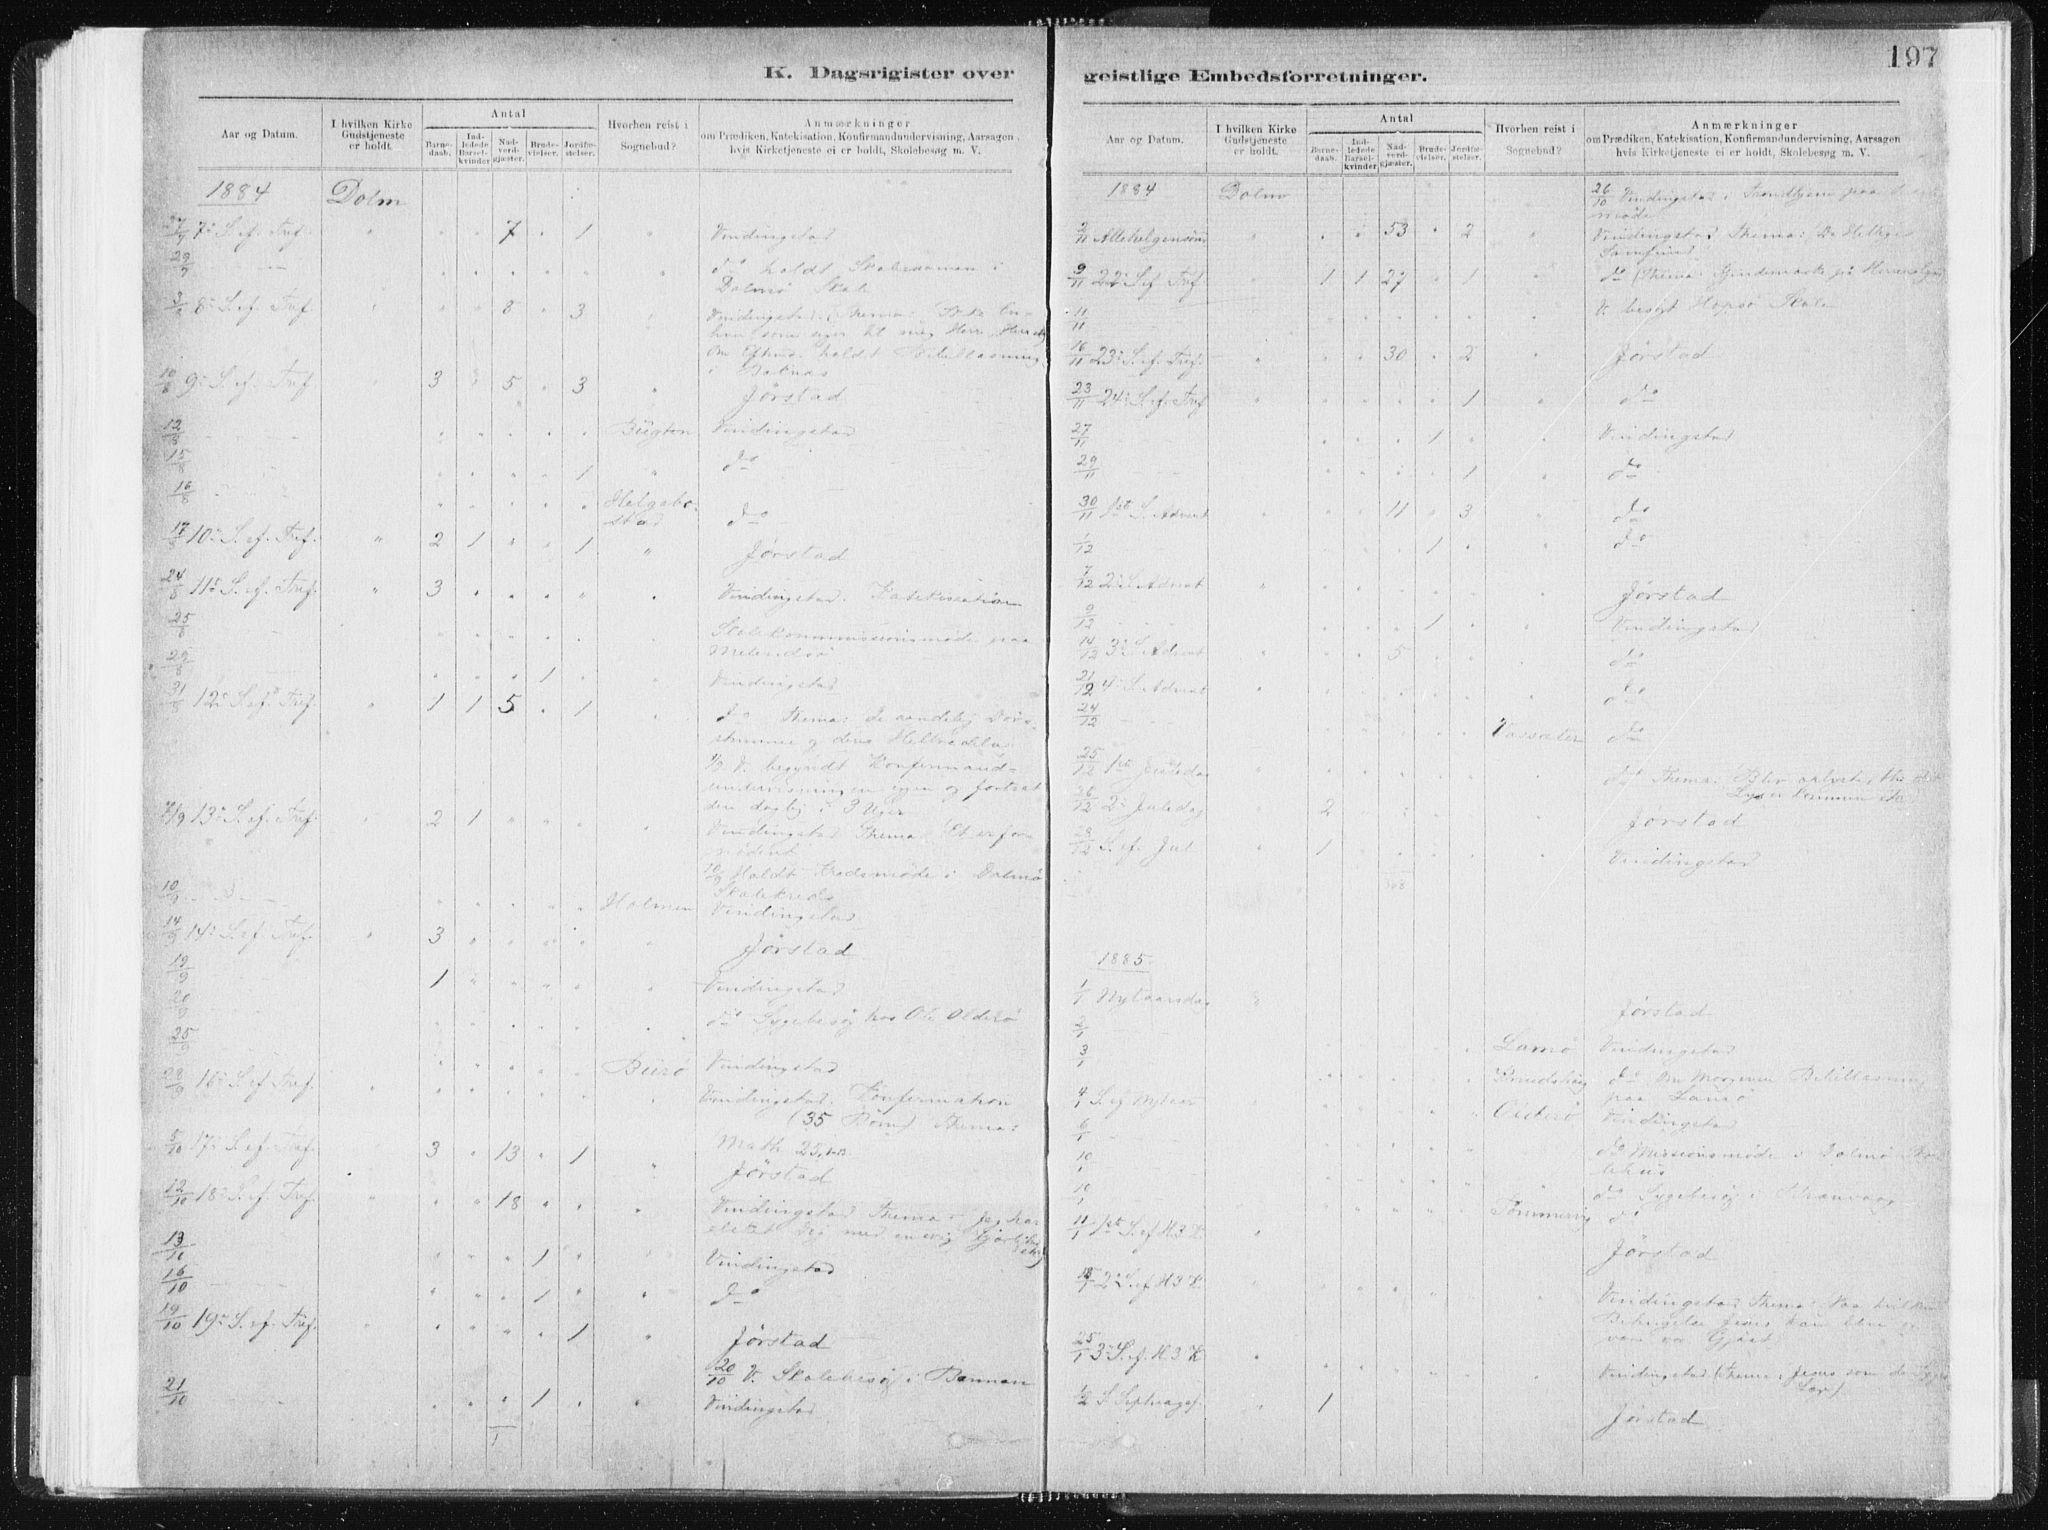 SAT, Ministerialprotokoller, klokkerbøker og fødselsregistre - Sør-Trøndelag, 634/L0533: Ministerialbok nr. 634A09, 1882-1901, s. 197